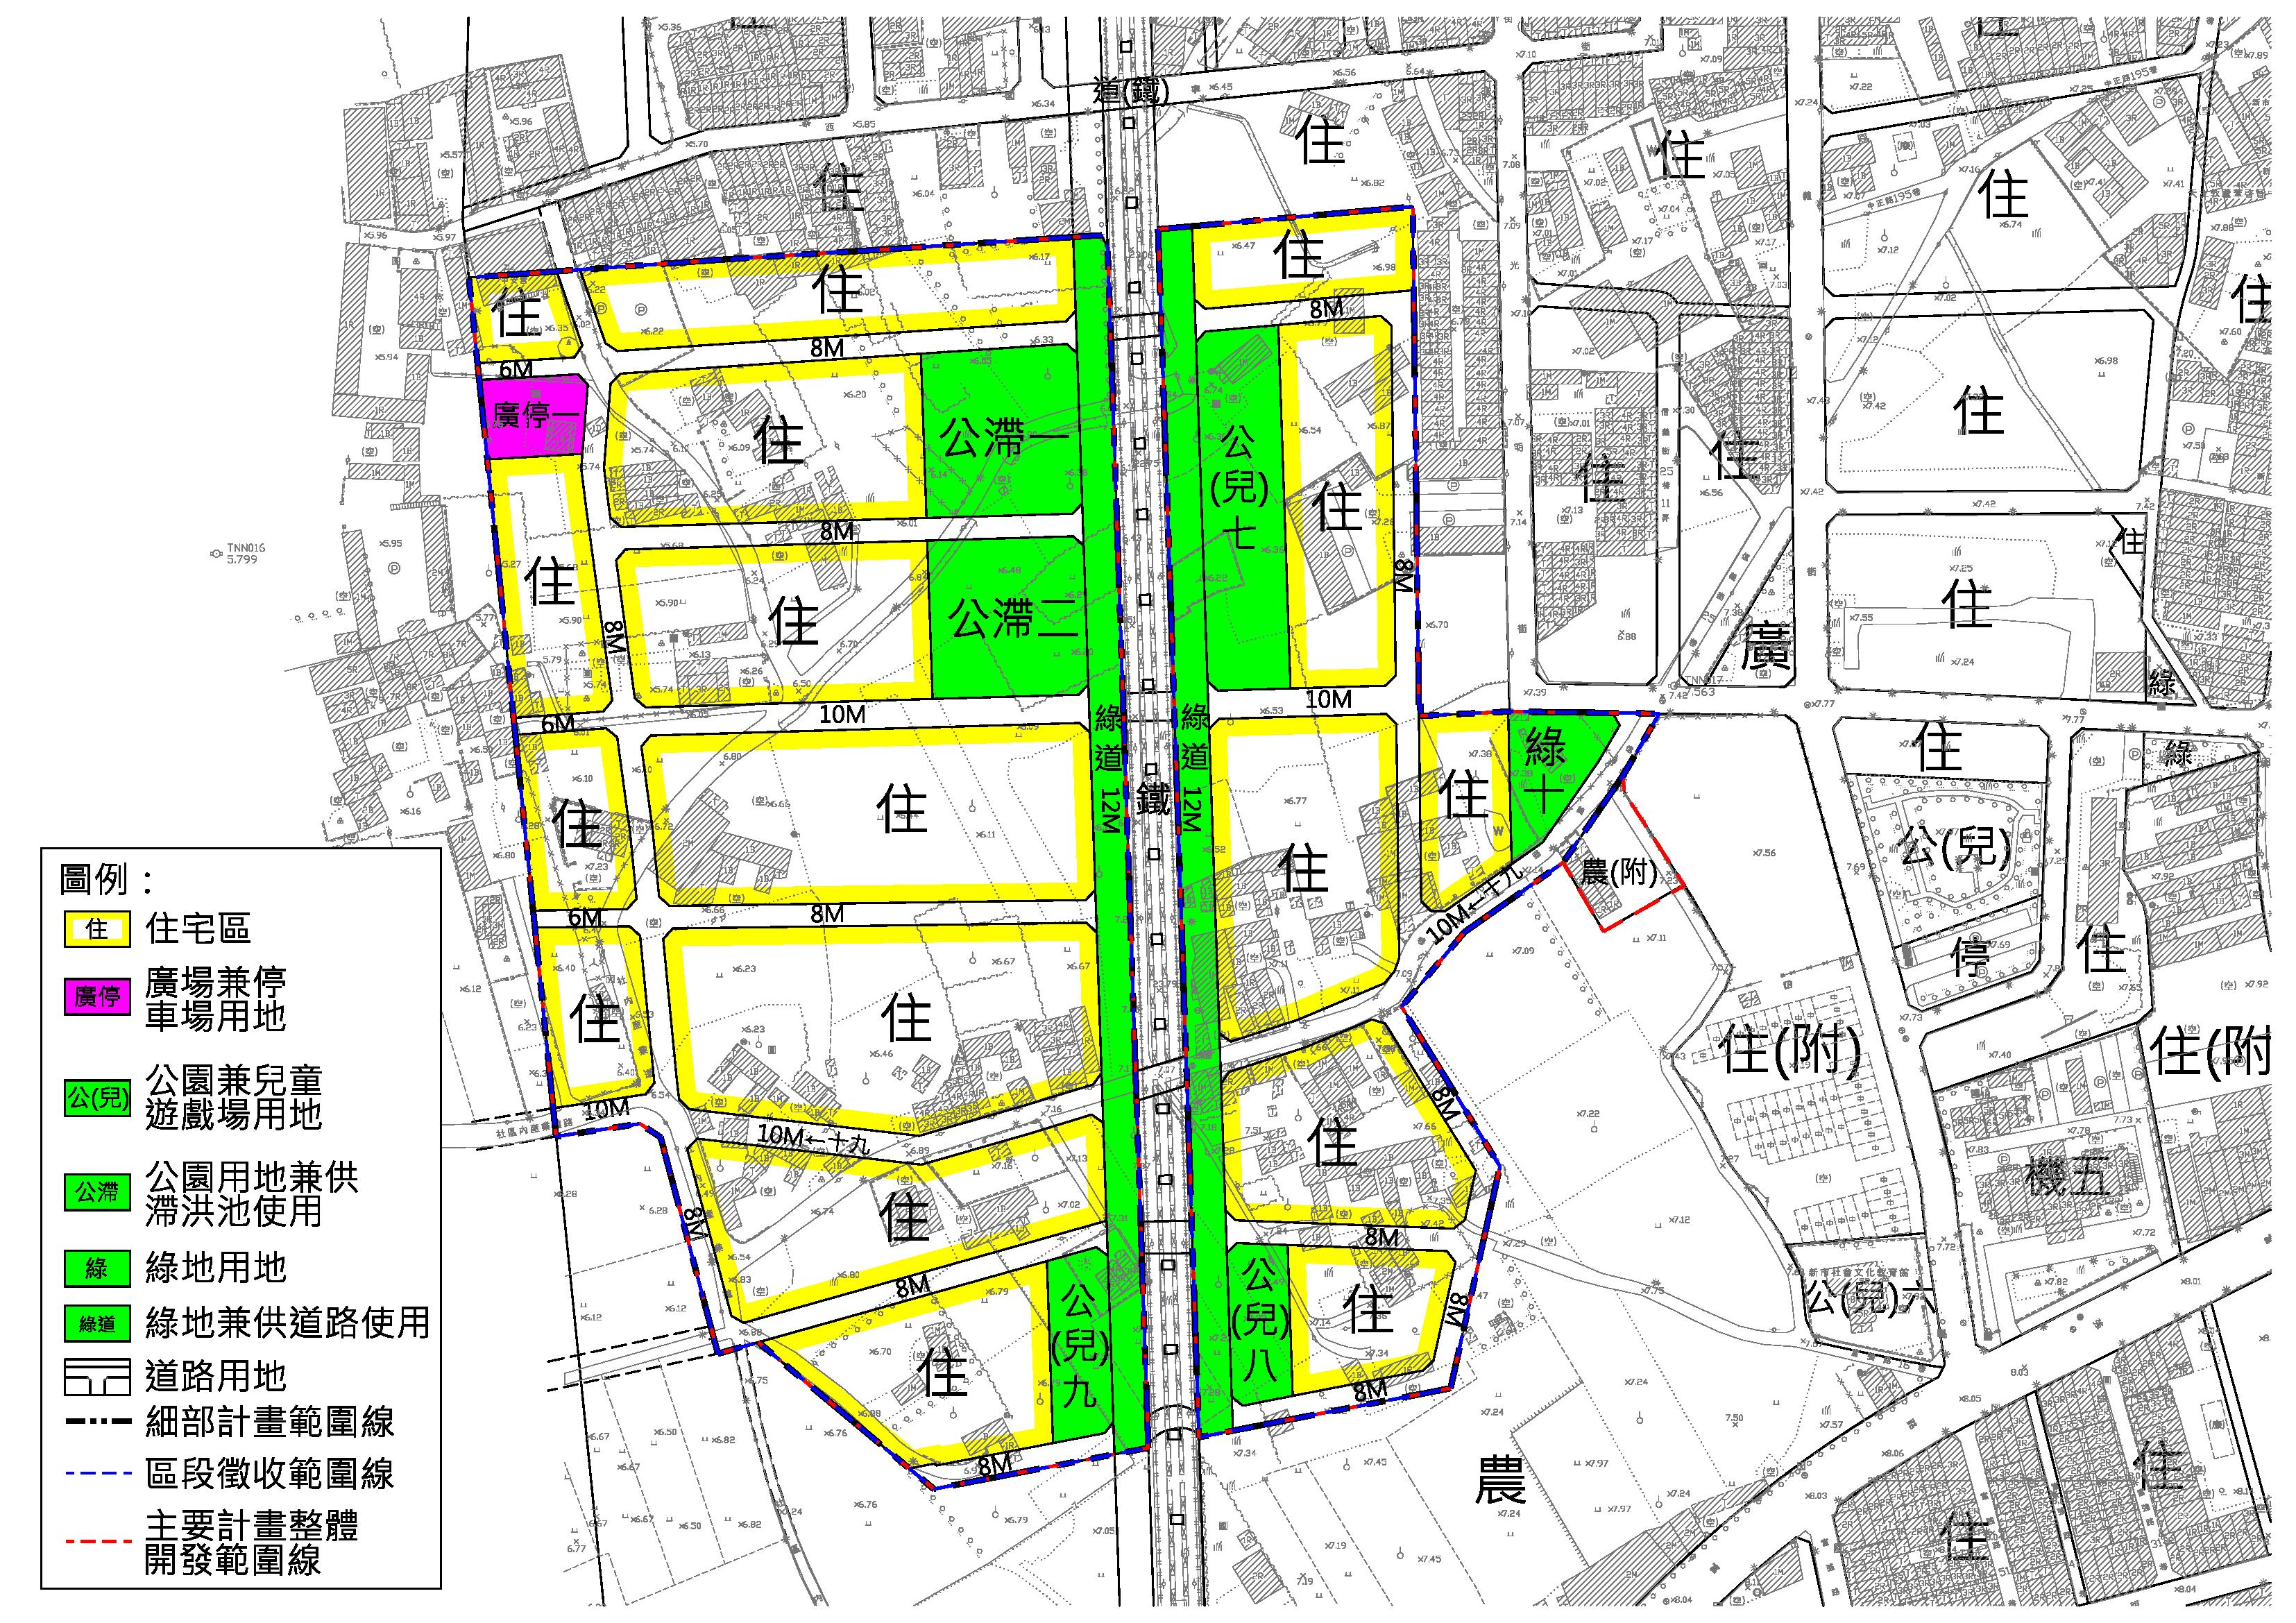 擬定新市都市計畫(附帶條件農業區)細部計畫土地使用配置圖